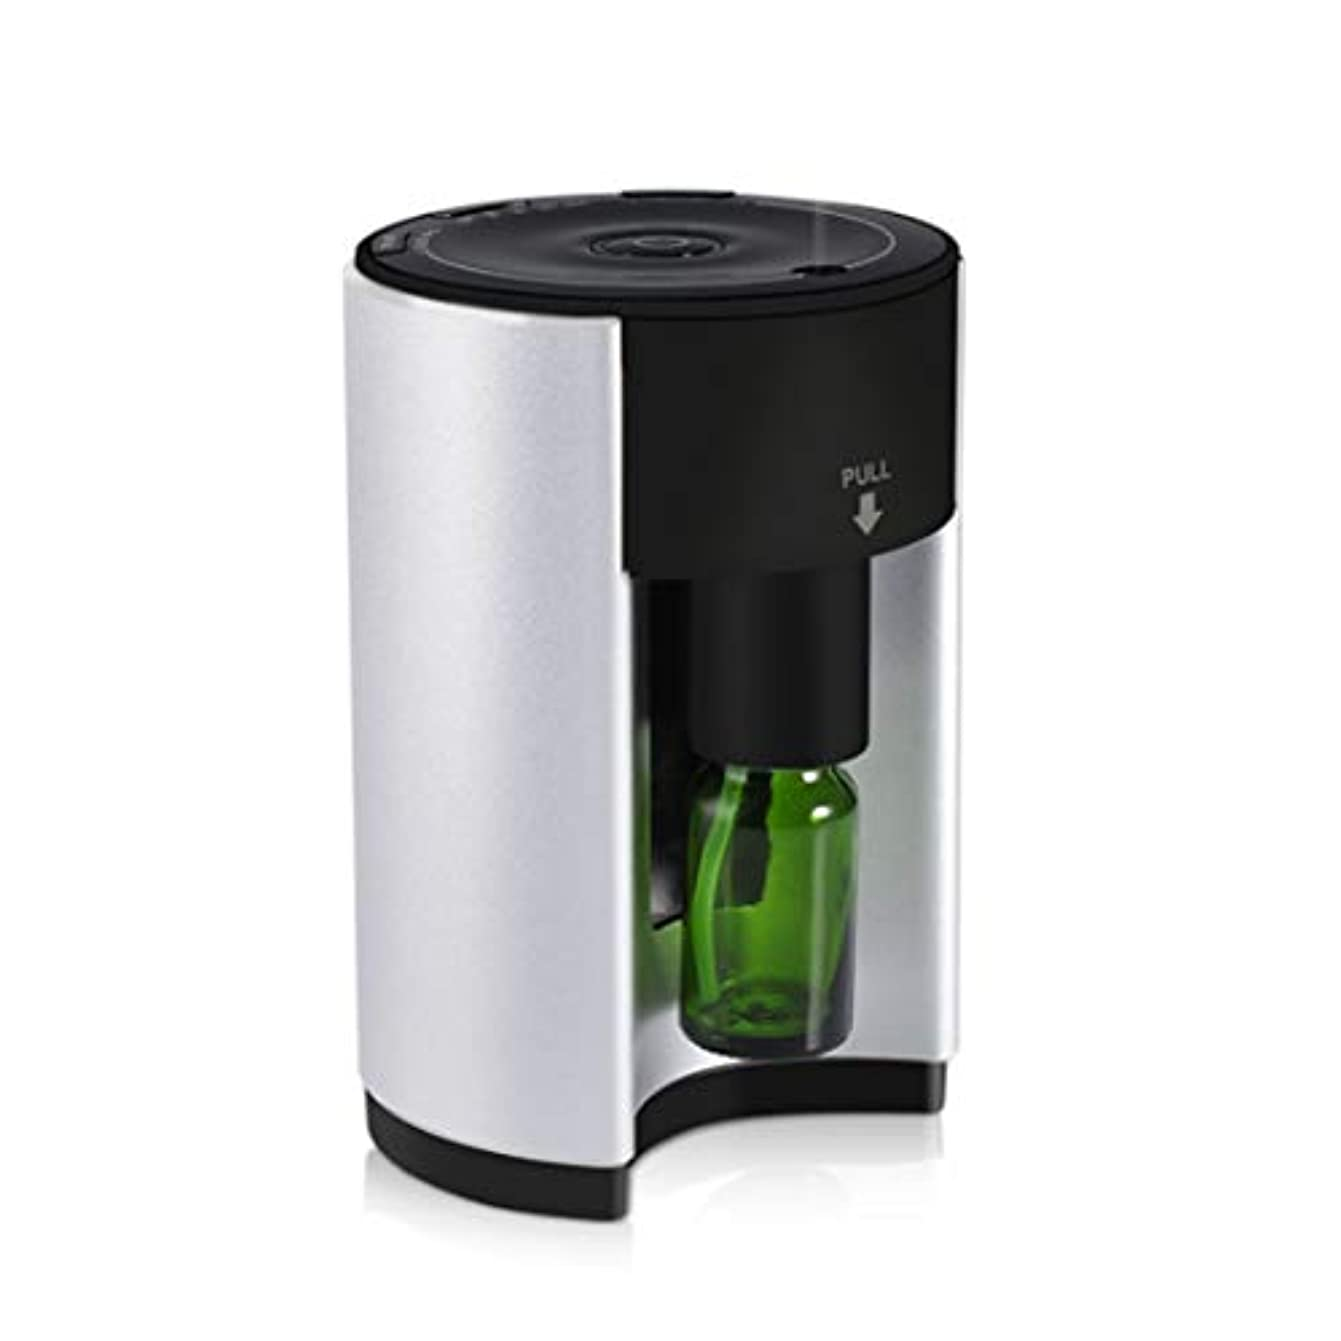 魅力的であることへのアピール入り口ピルアロマディフューザー アロマバーナー アロマ芳香器 ネブライザー式 人気 香り 小型 コンパクト 軽量 アロマオイル うるおい 専用ボトル付 タイマー付き ヨガ室 ホテル 広範囲適用